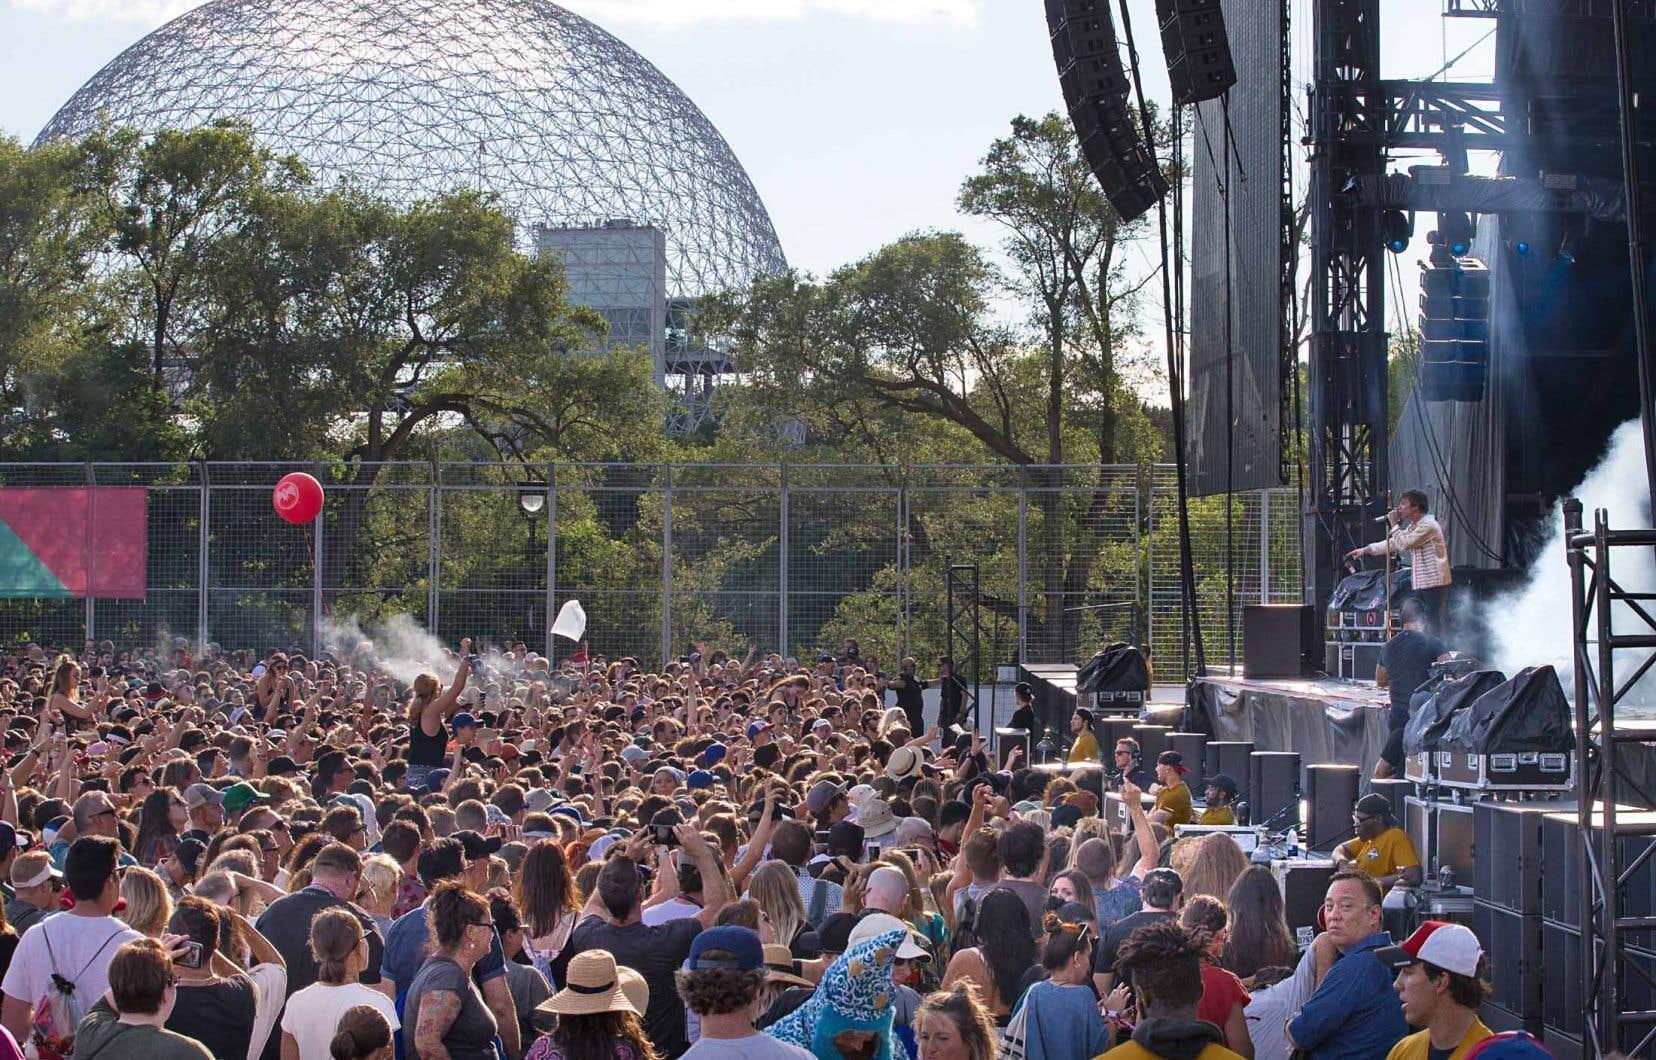 Les résidents de Saint-Lambert se plaignent depuis des années du bruit émanant des événements présentés au parc Jean-Drapeau.